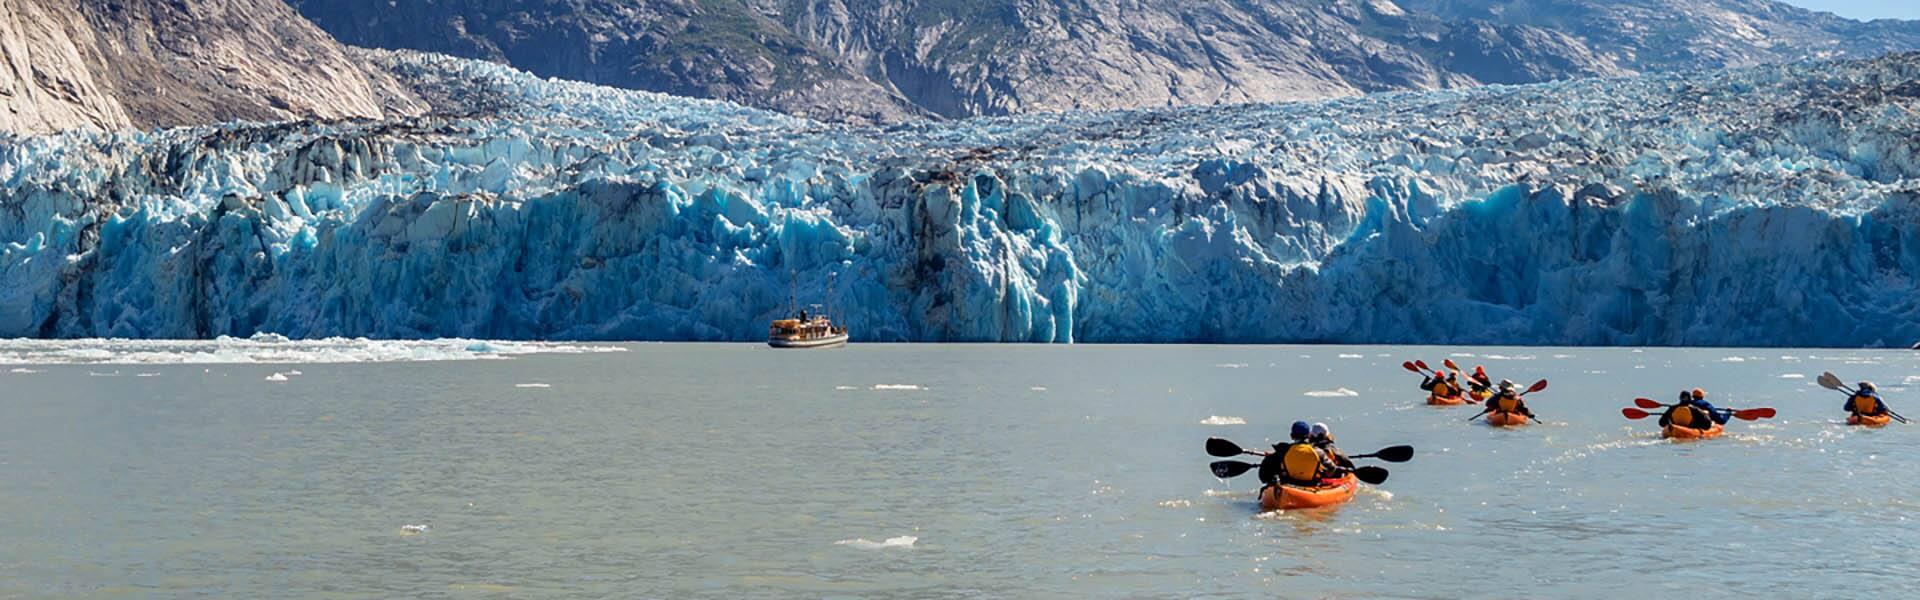 אלסקה והוואי: גליישרביי, סקאגוויוקוואילהונולולו